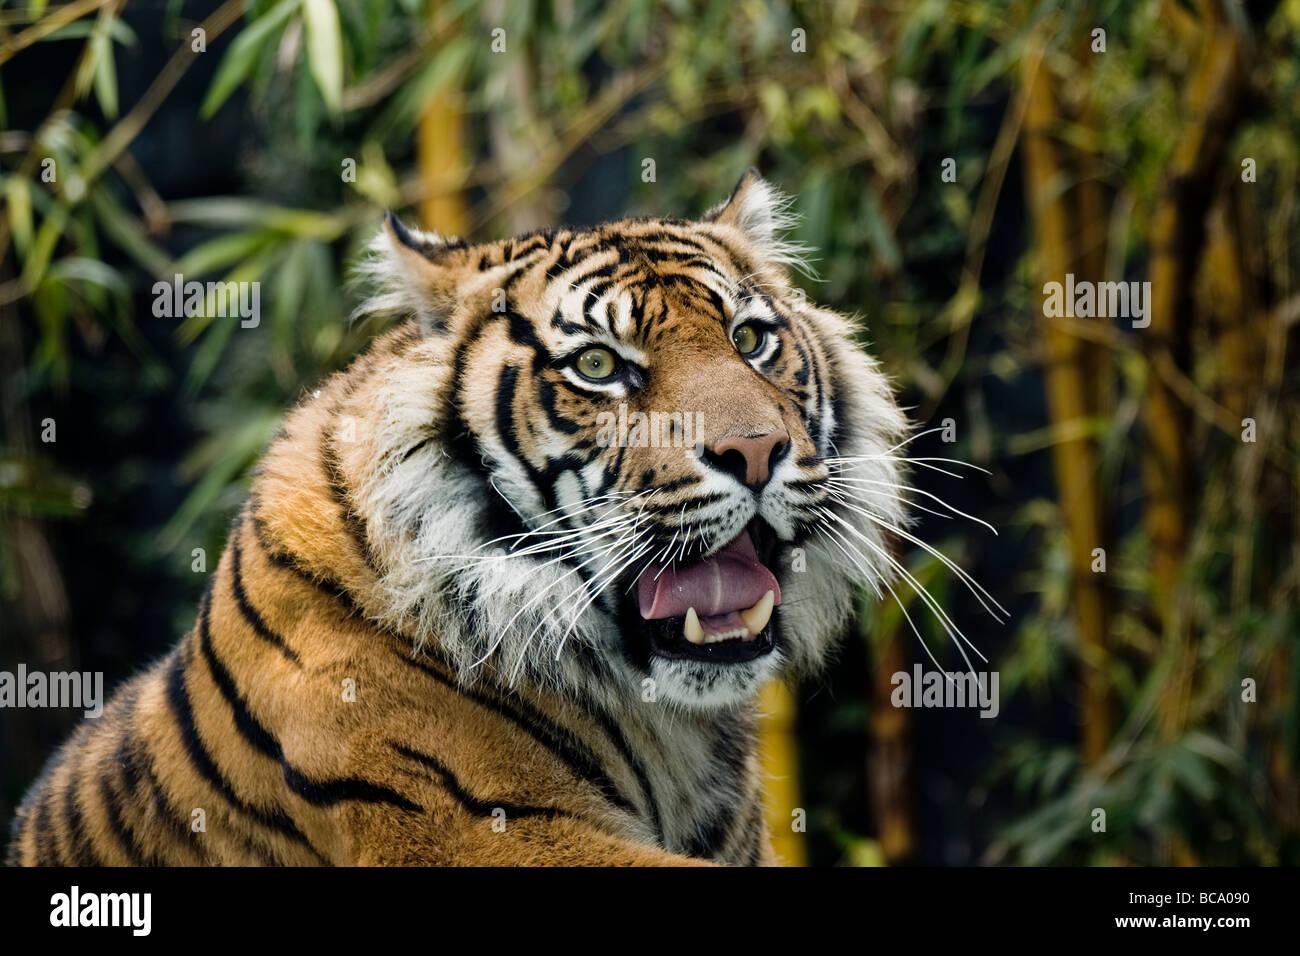 Especies endandered tigre de Sumatra Imagen De Stock